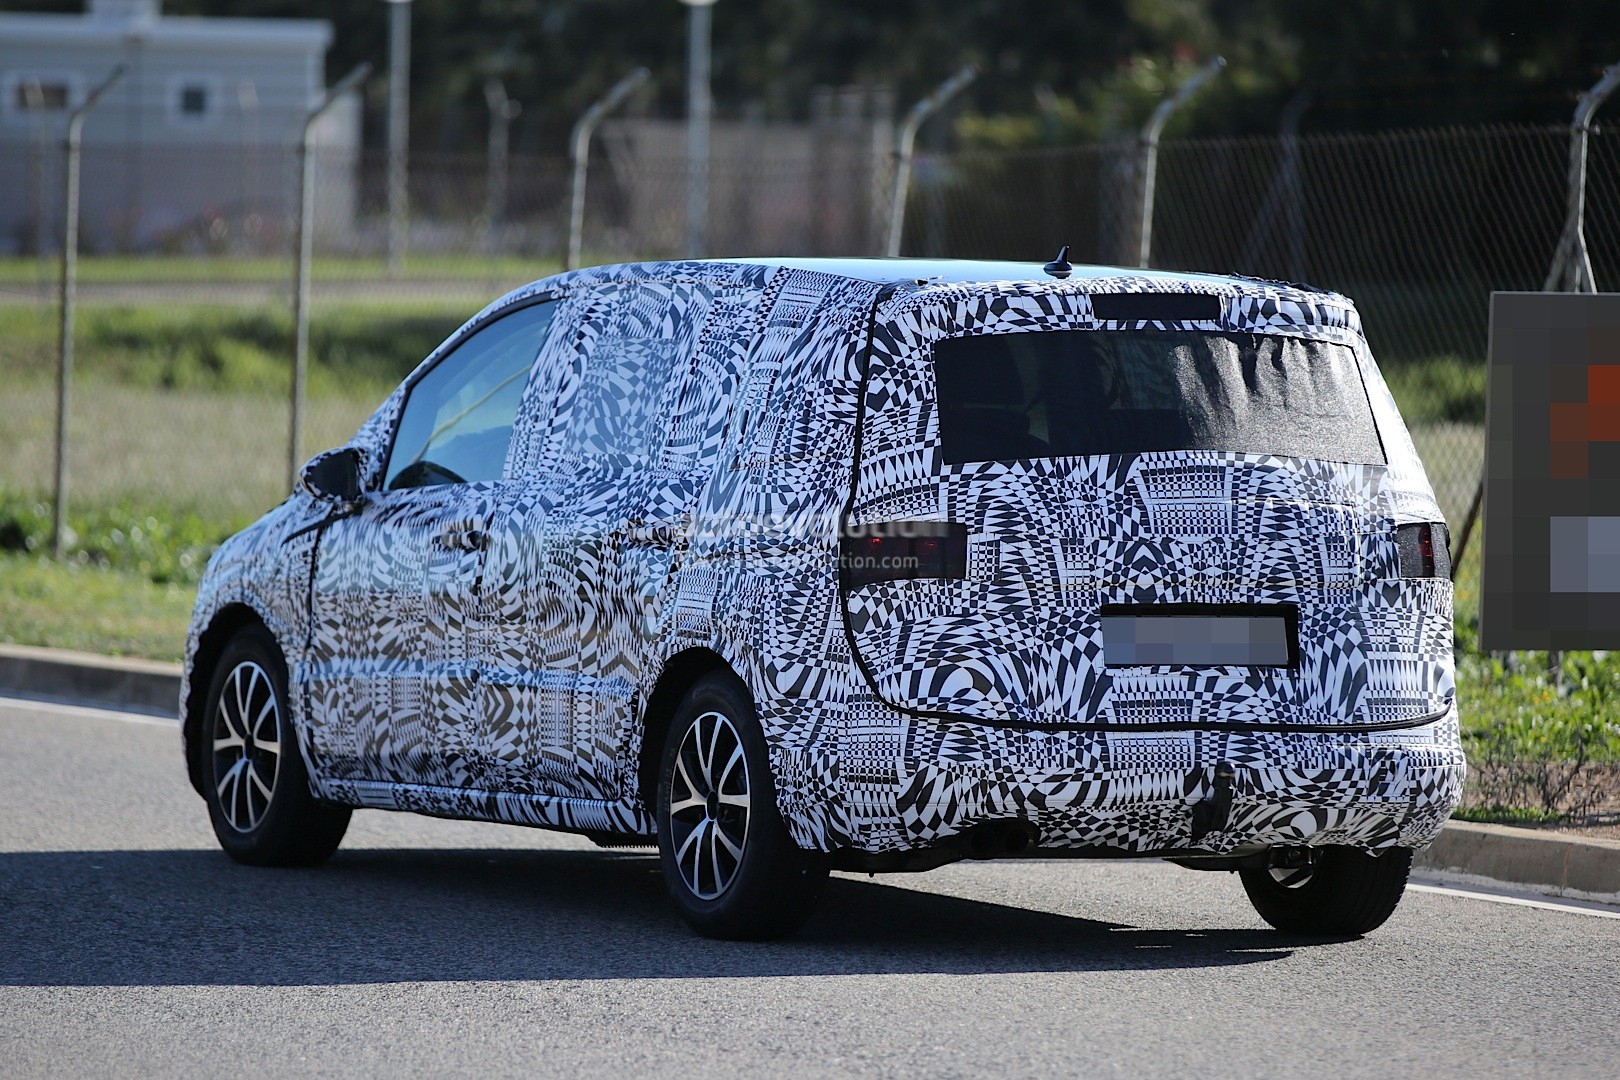 2015 - [Volkswagen] Touran - Page 3 Spyshots-new-volkswagen-touran-seen-testing-in-souther-europe_12